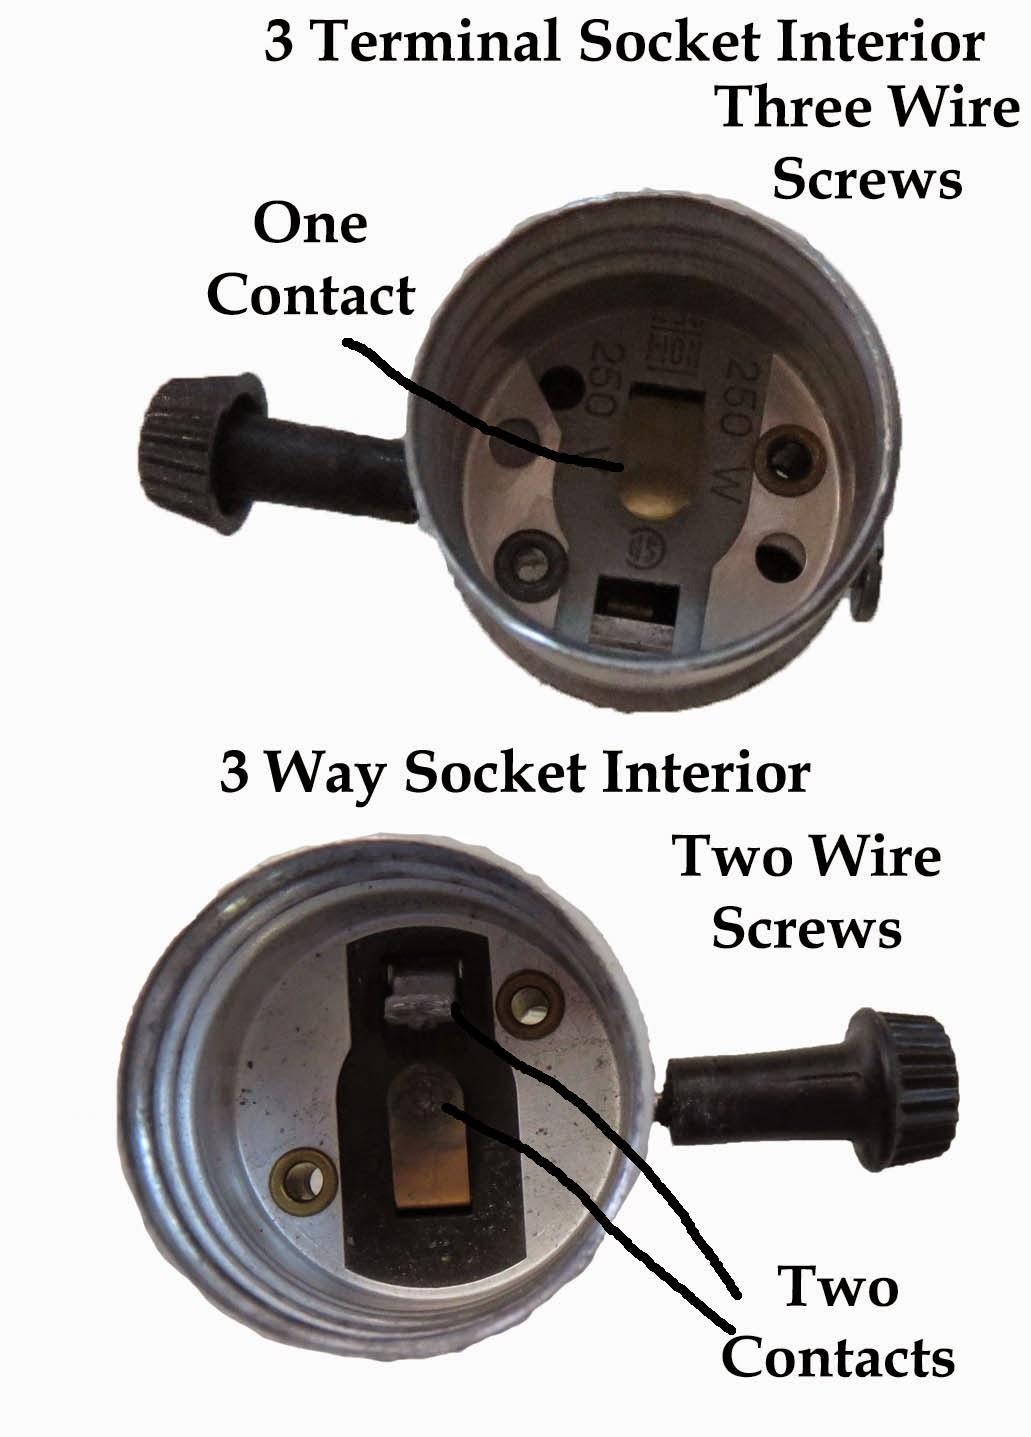 Making Electronics Fun Light Bulb Types Chart - 2 Circuit 3 Terminal Lamp Socket Wiring Diagram